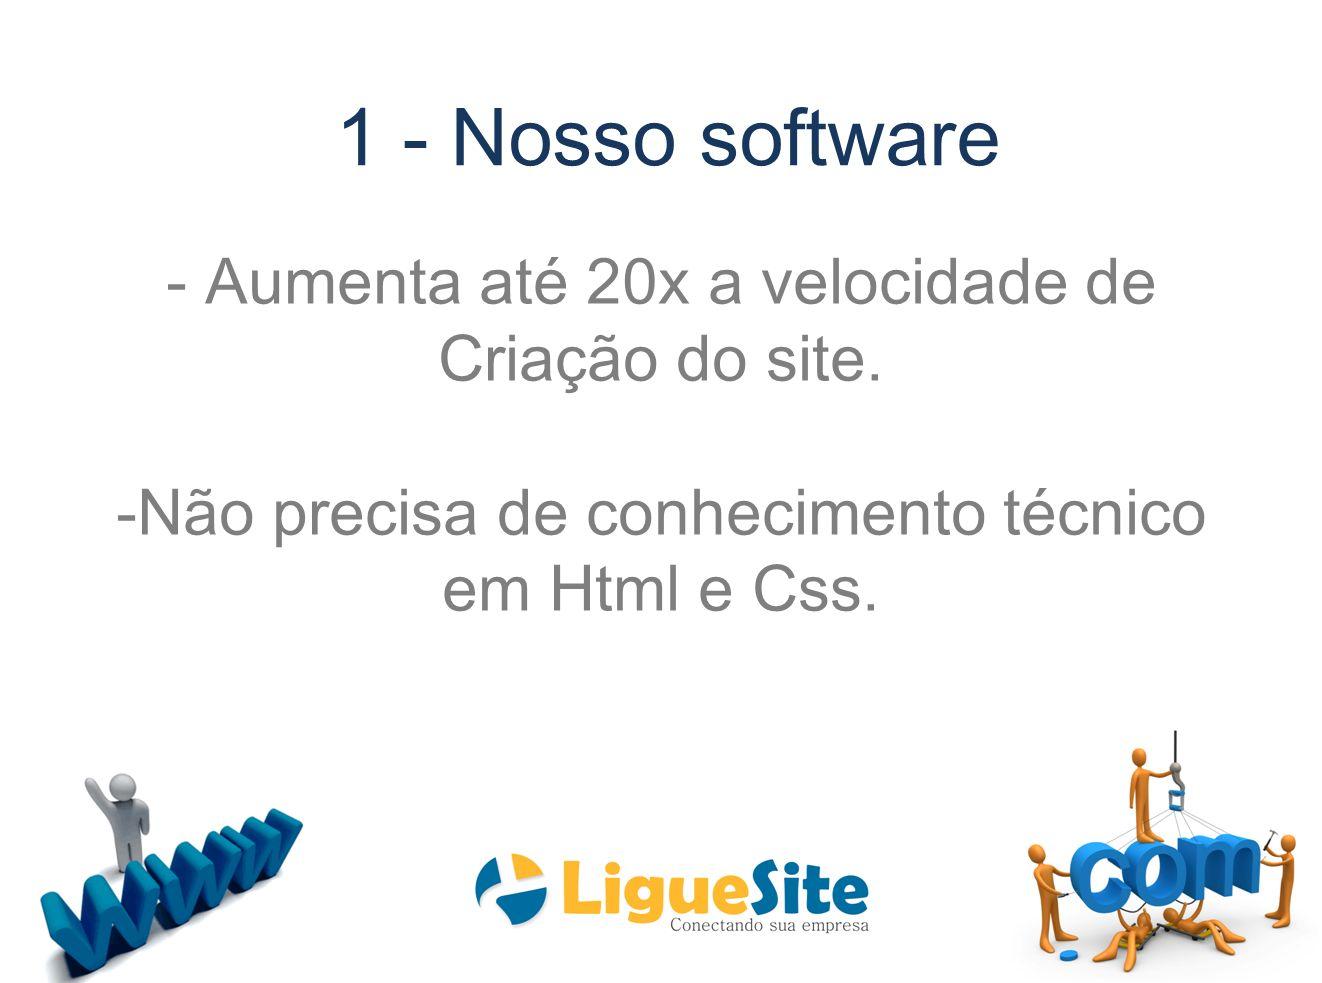 1 - Nosso software - Aumenta até 20x a velocidade de Criação do site. -Não precisa de conhecimento técnico em Html e Css.